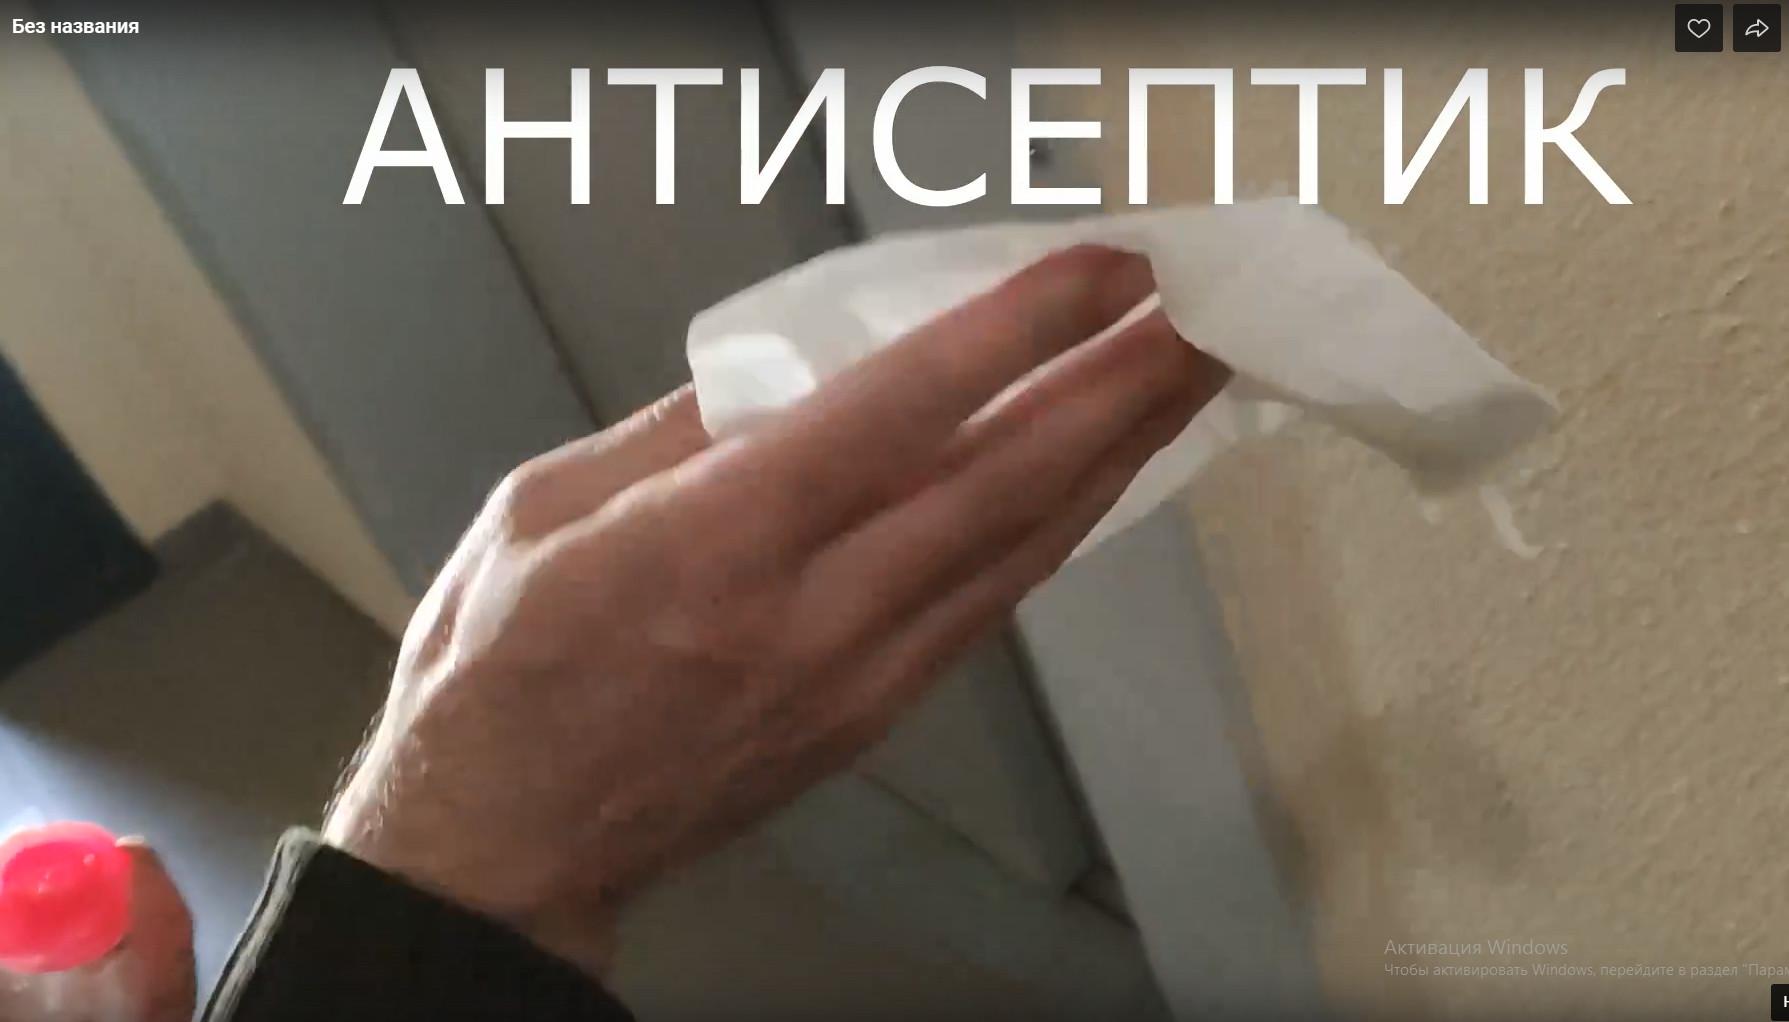 Житель Твери записал видео о дезинфекции в подъезде